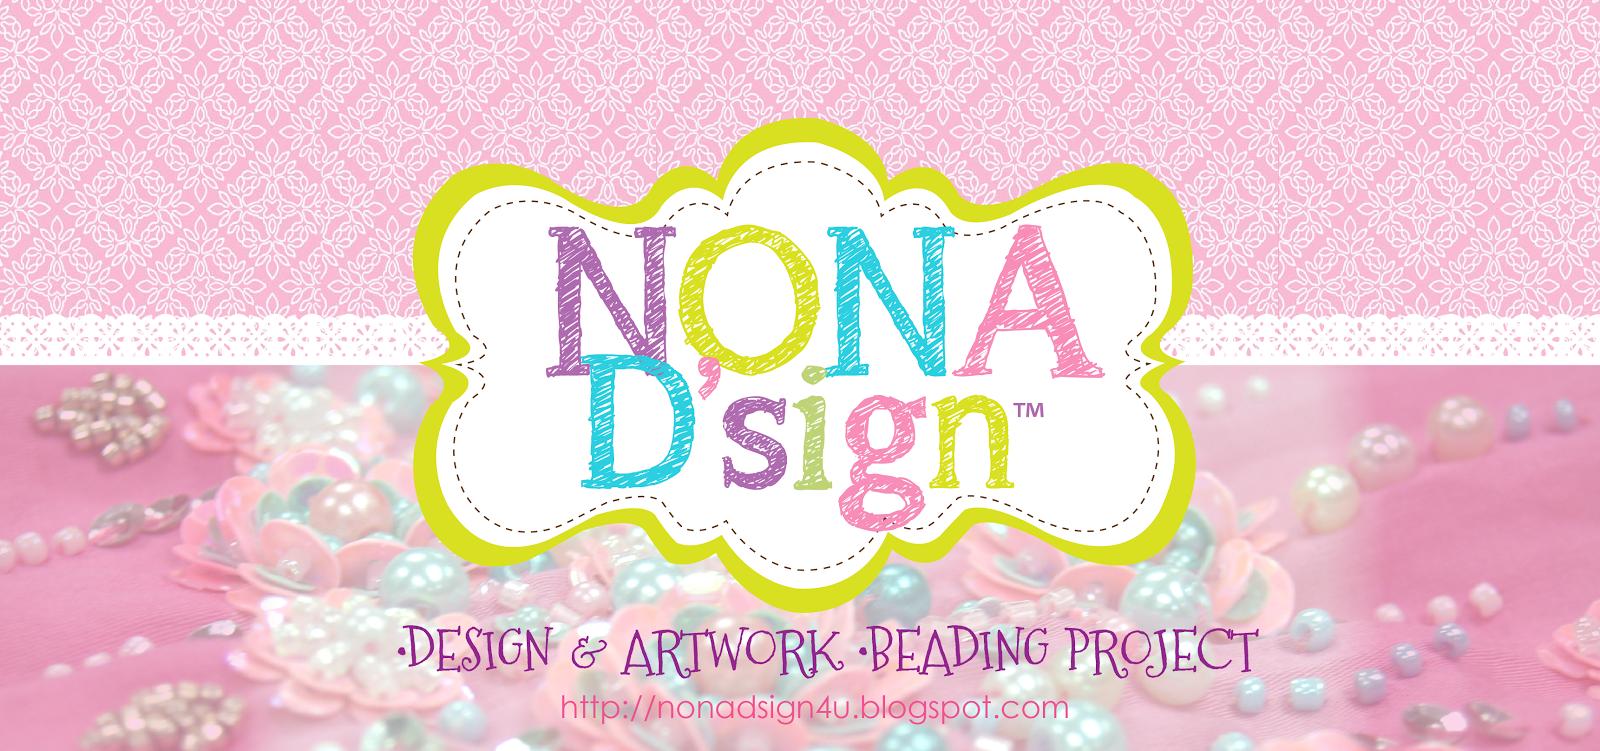 NonaDsign Blogspot